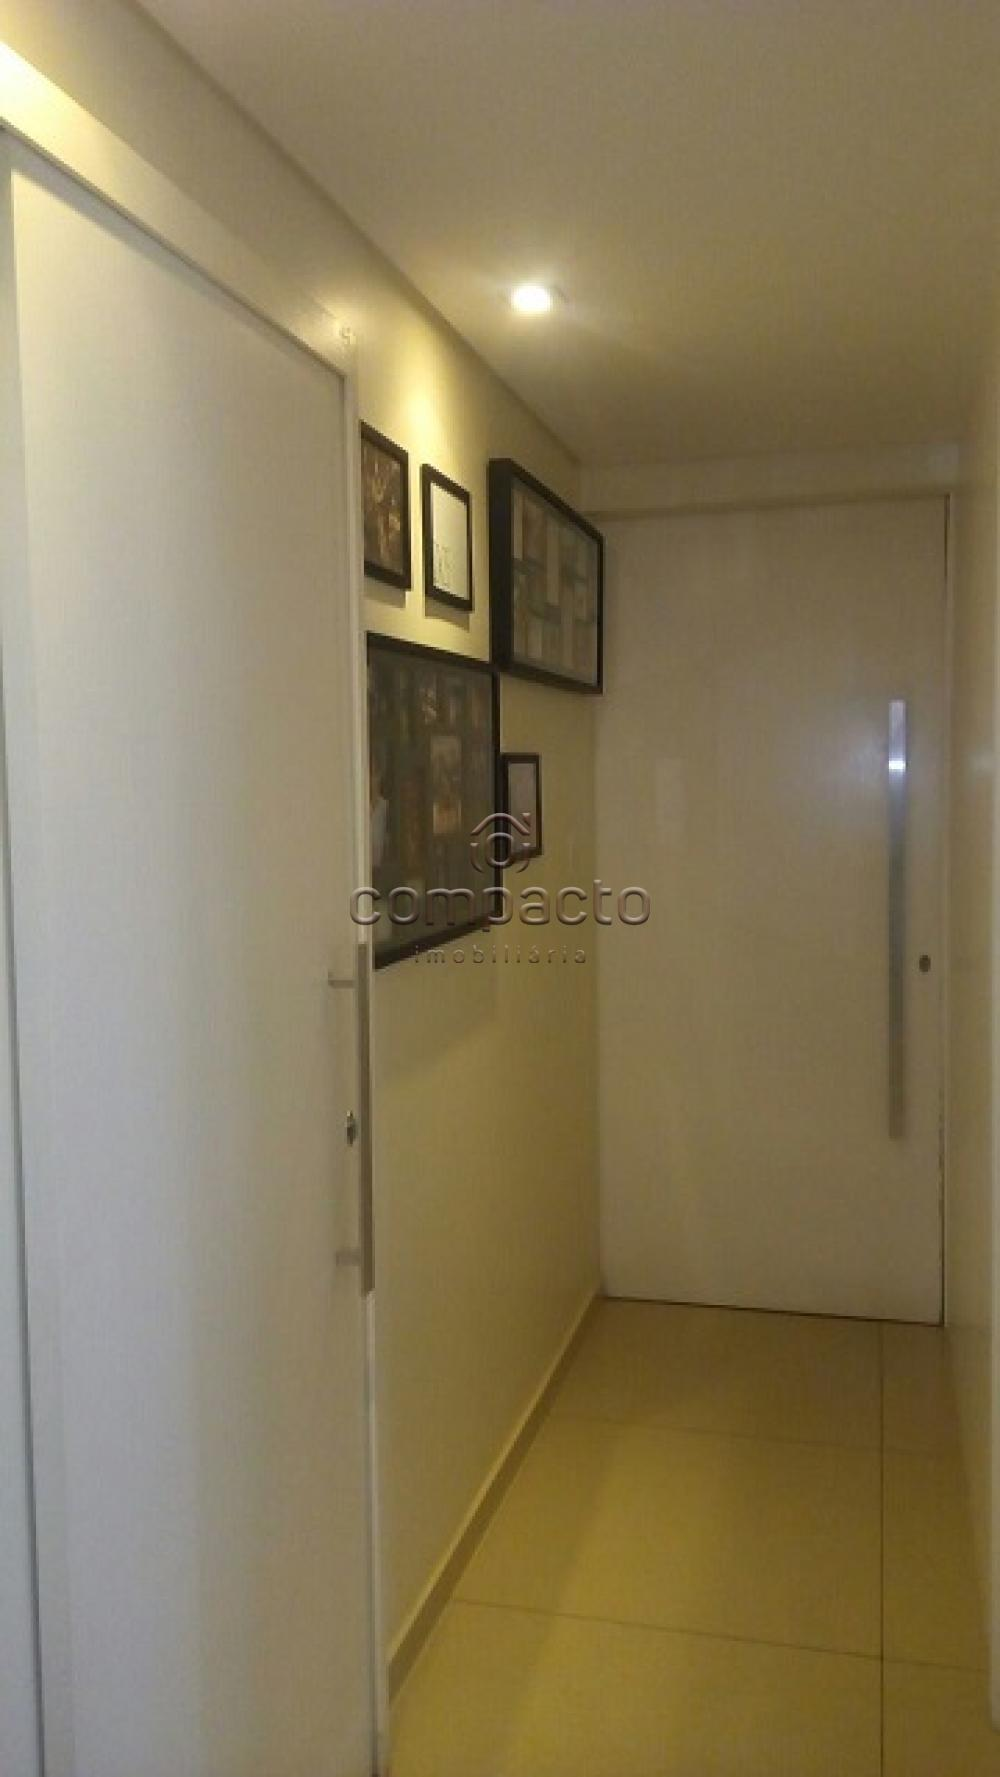 Comprar Apartamento / Padrão em São José do Rio Preto apenas R$ 480.000,00 - Foto 5